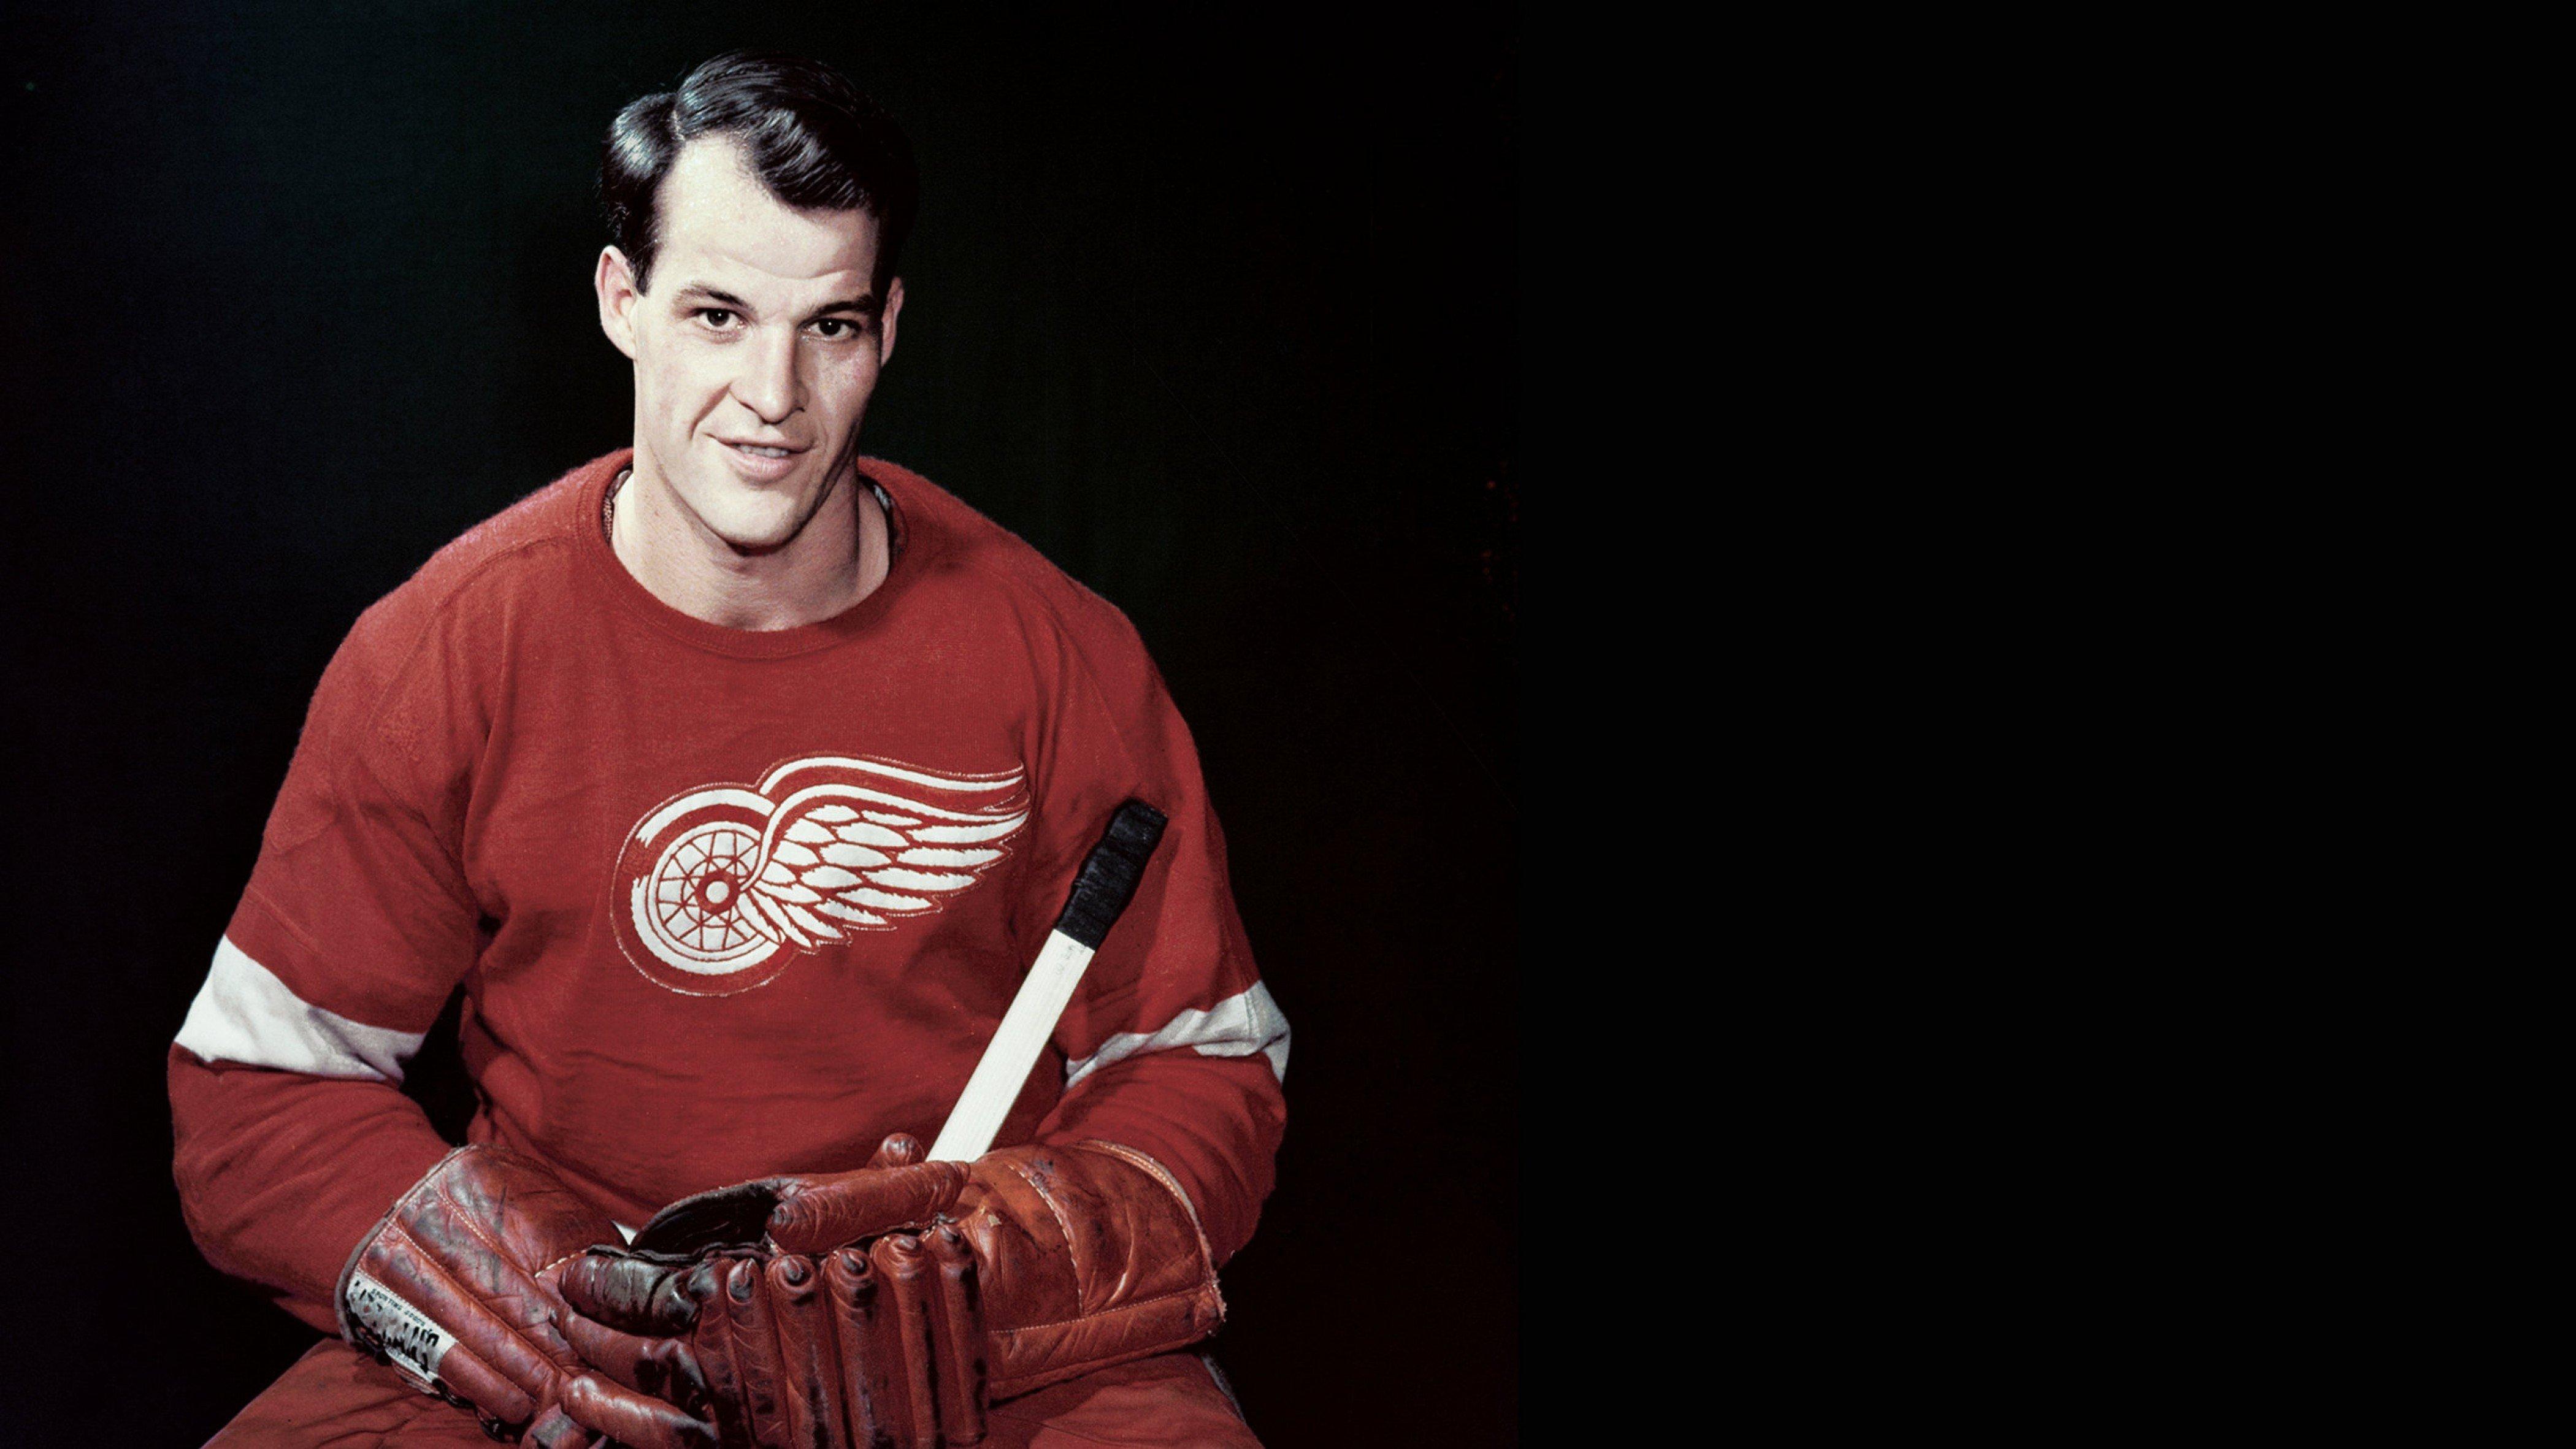 Gordie Howe: Mr. Hockey retired today in 1971